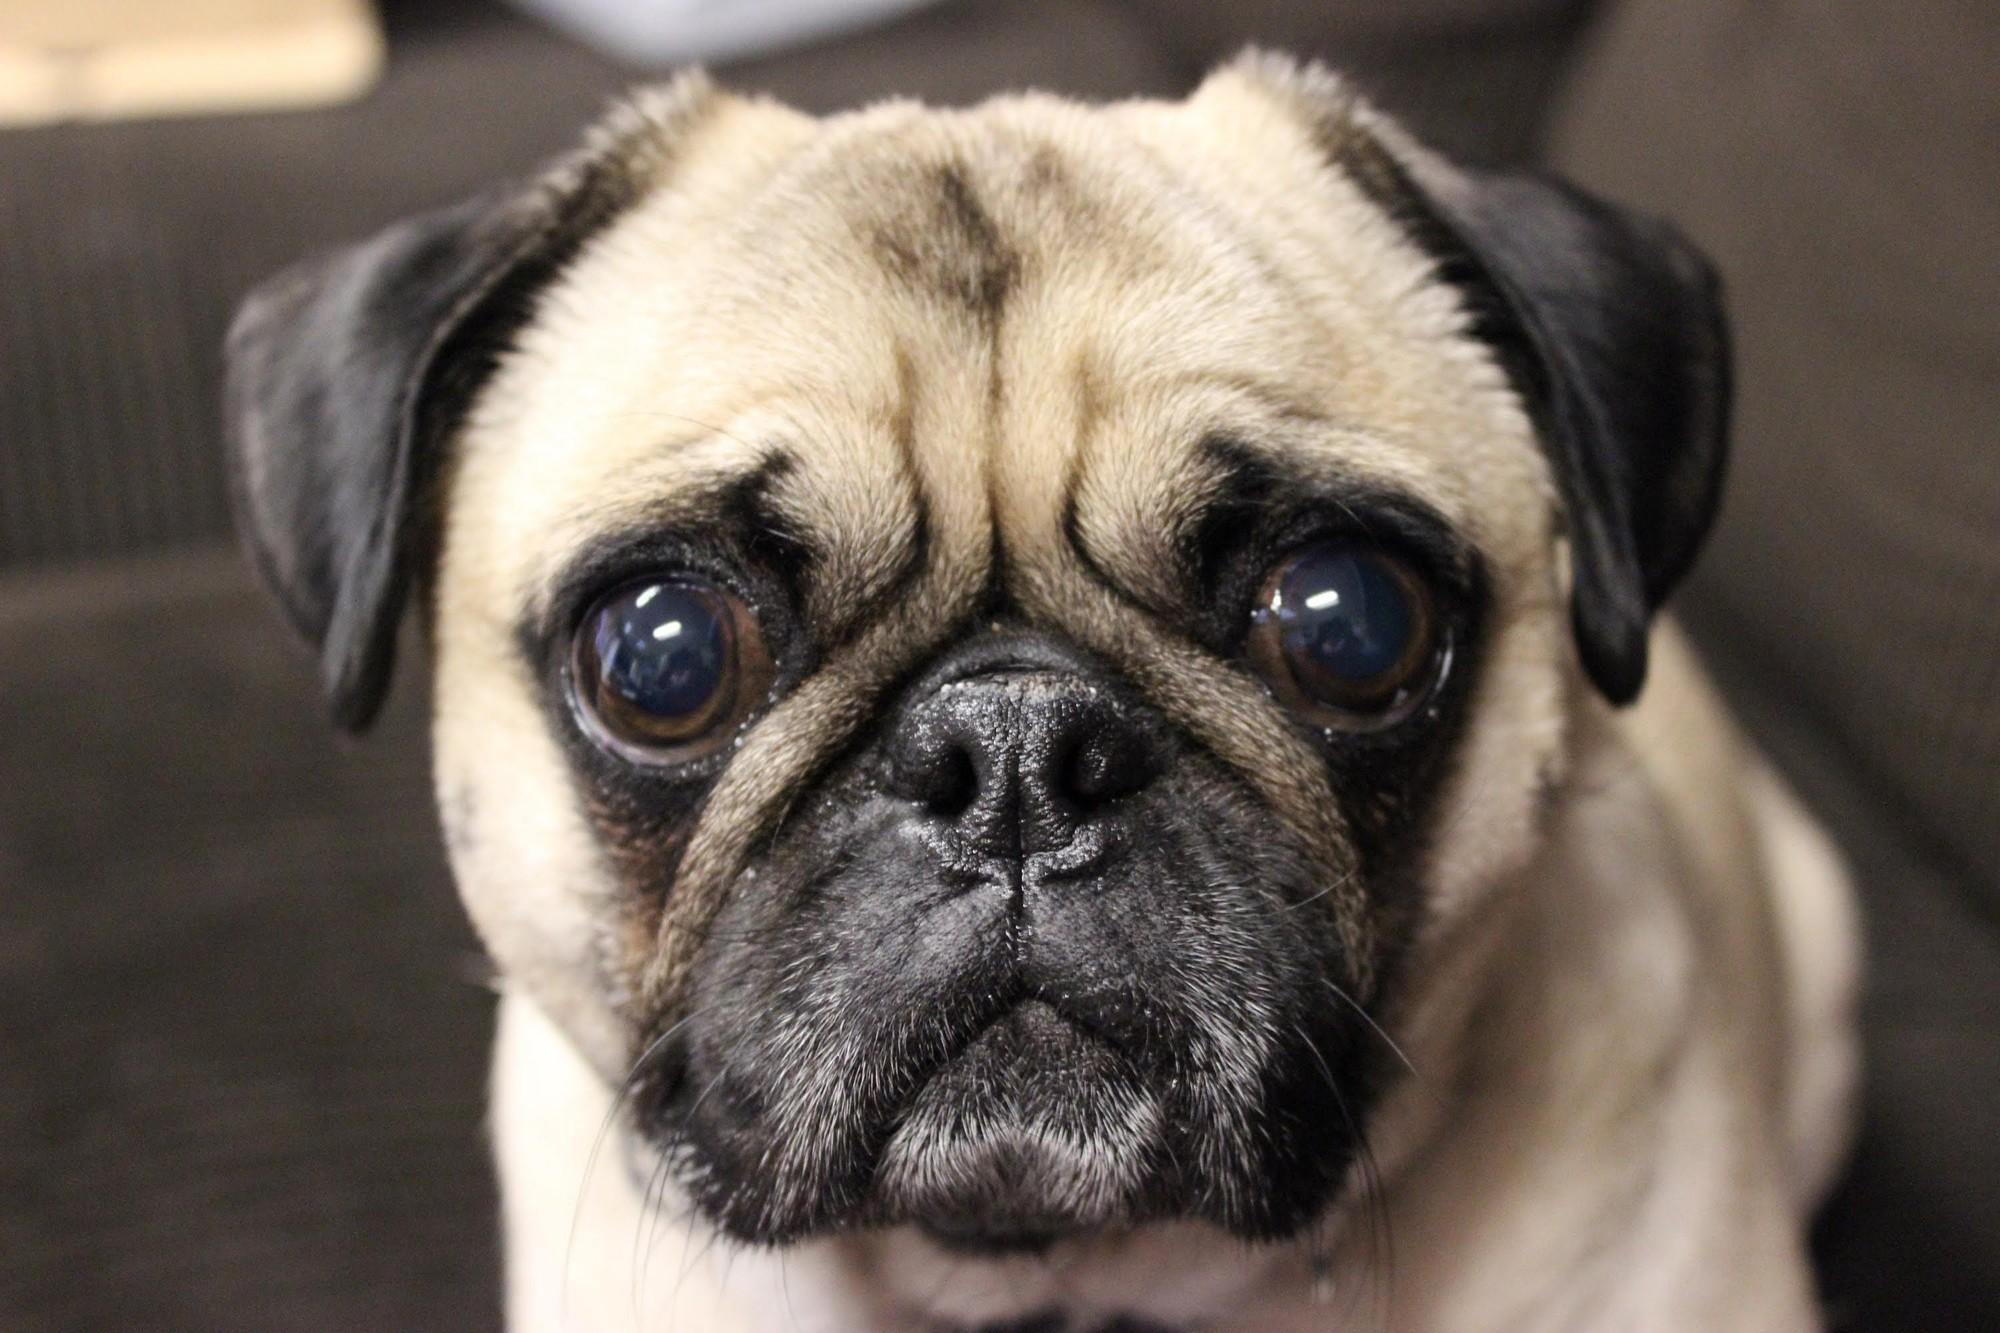 Hộp sọ bị biến dạng và thảm họa giải phẫu của loài chó pug chỉ vì con người - Ảnh 2.